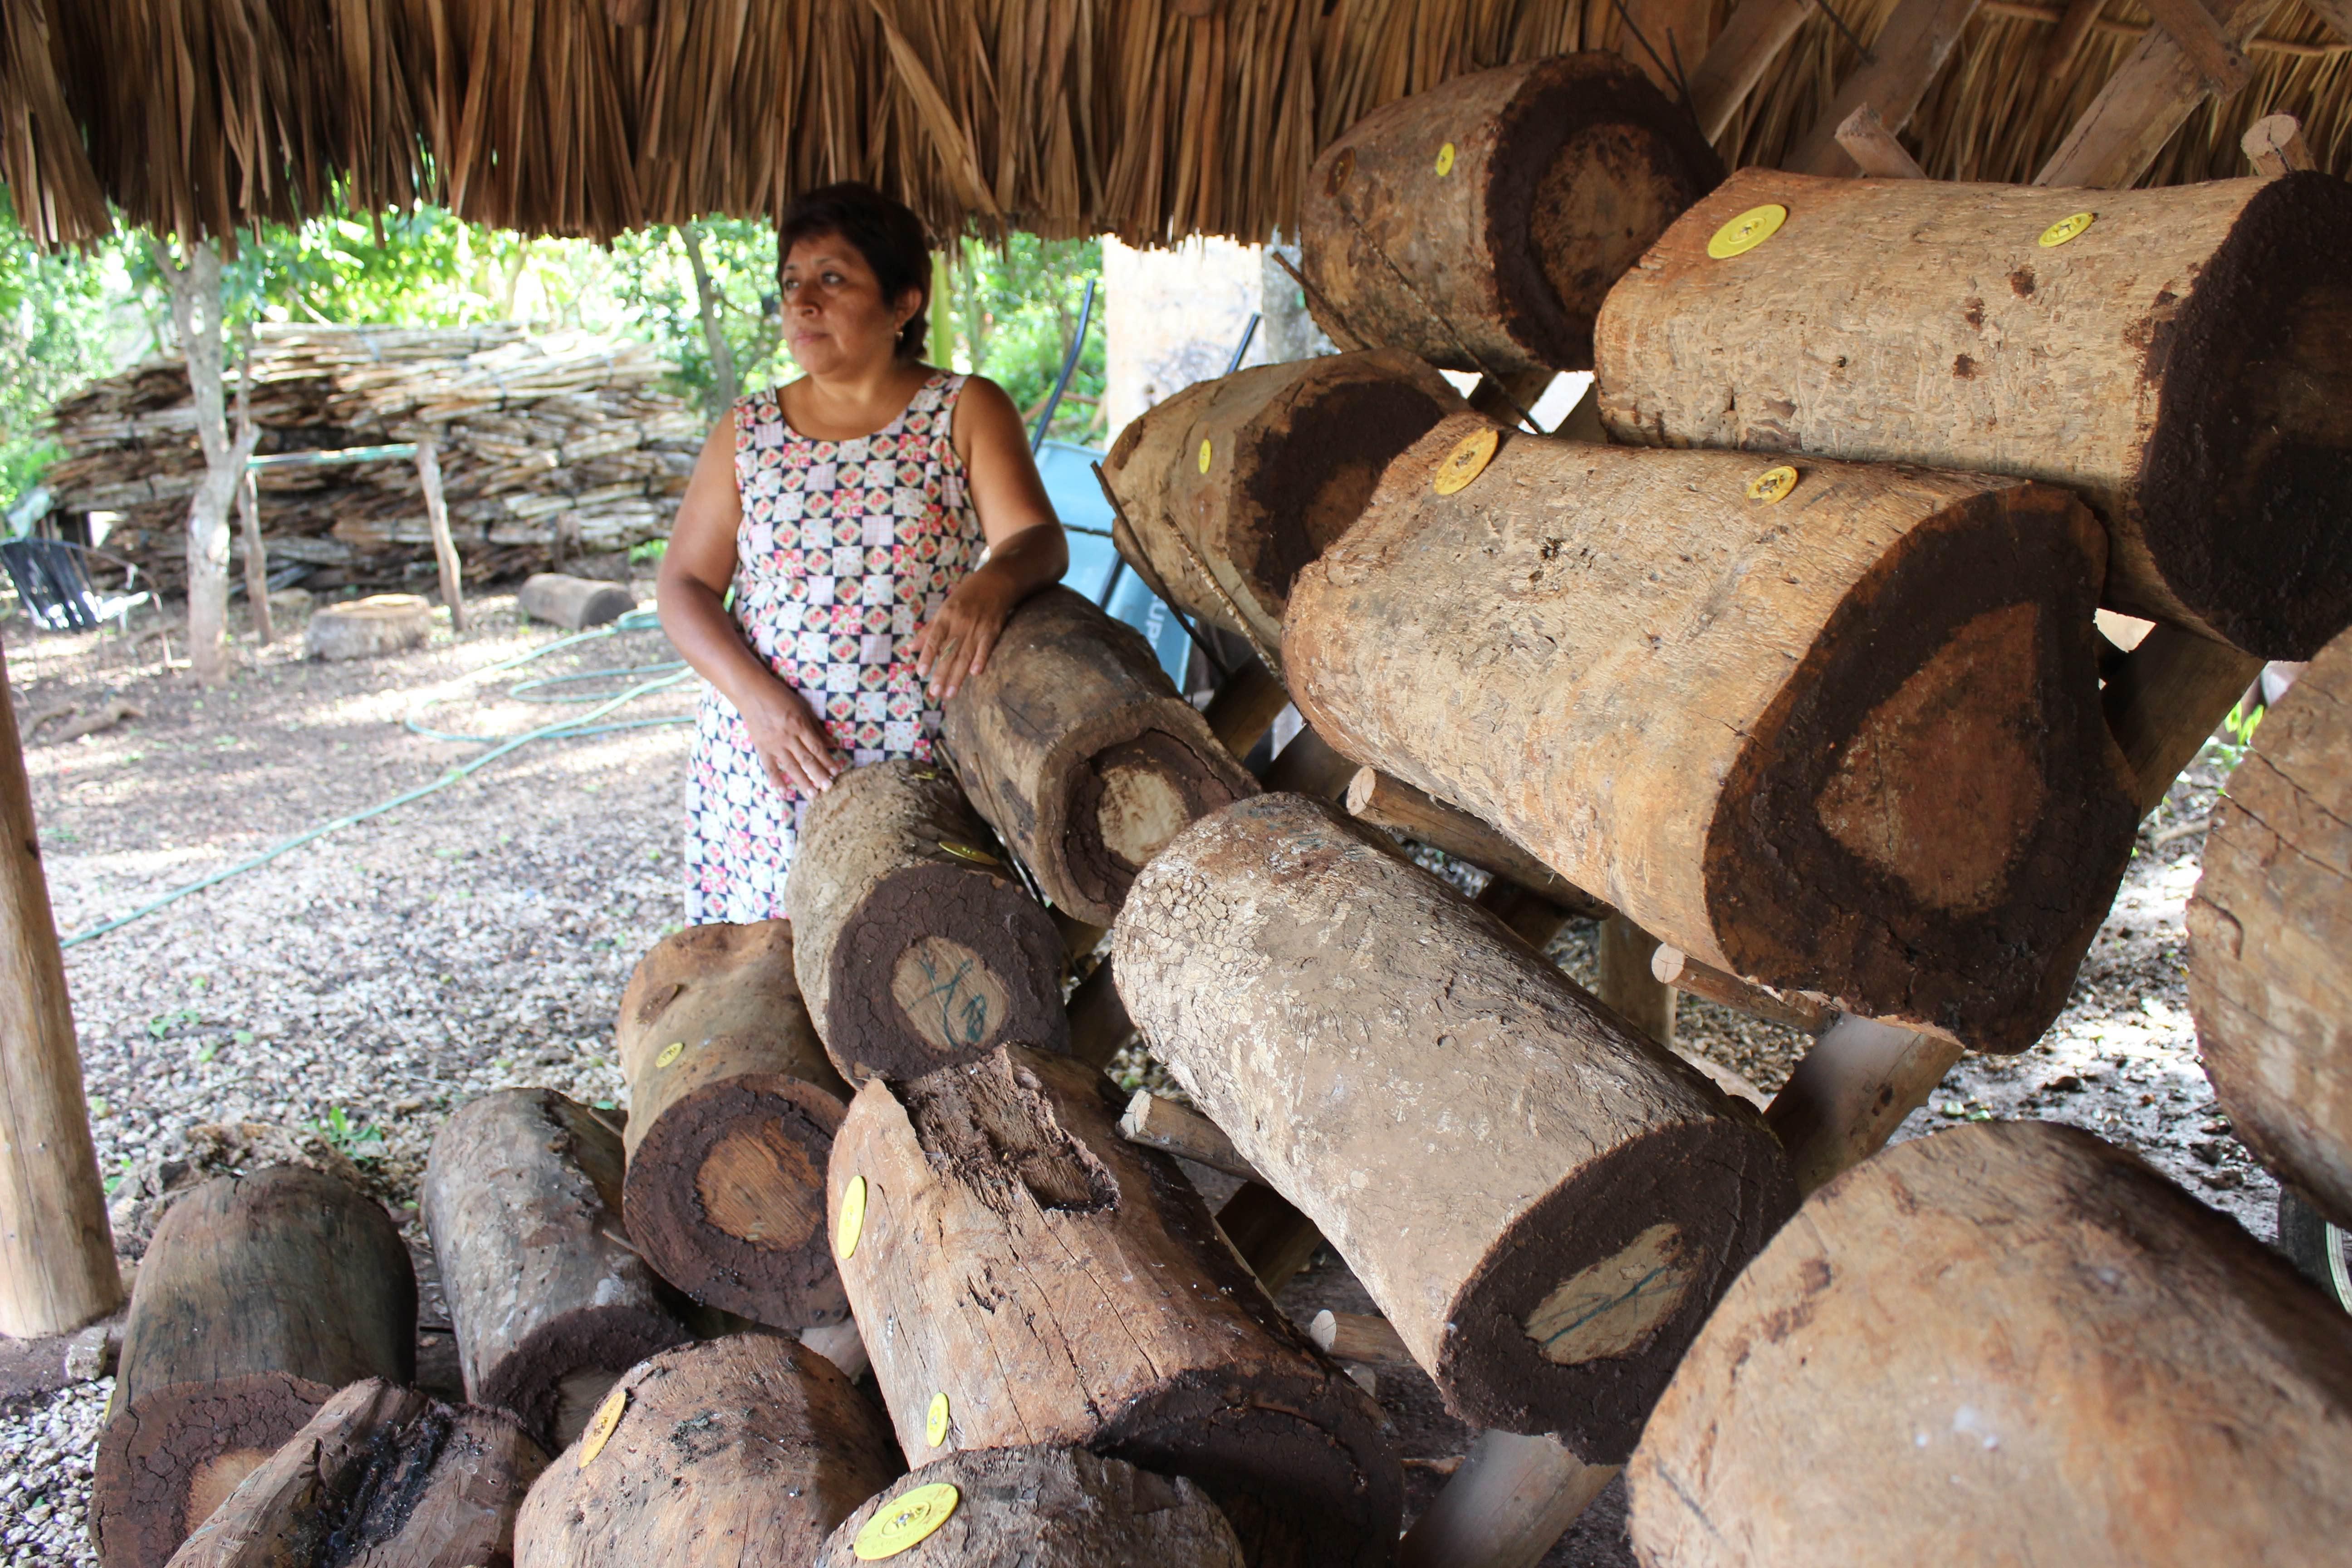 Abejas nativas-Campeche